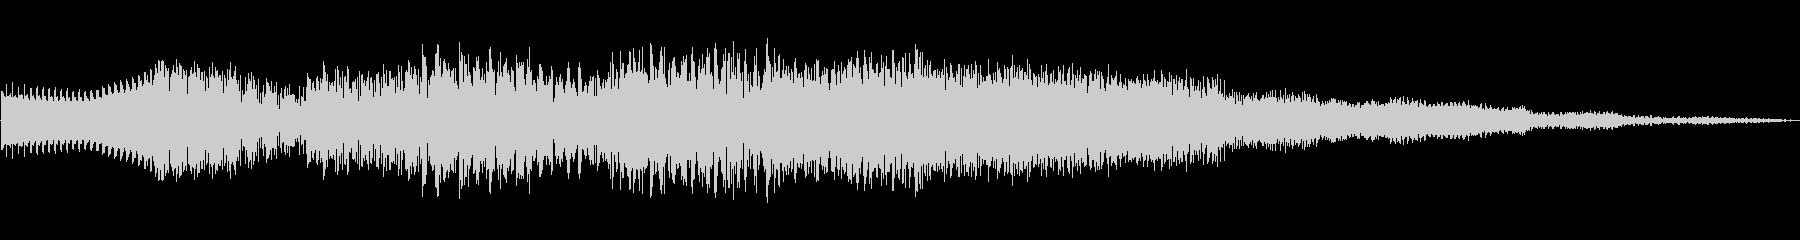 ピロリロリロリン レベルアップ発見 01の未再生の波形